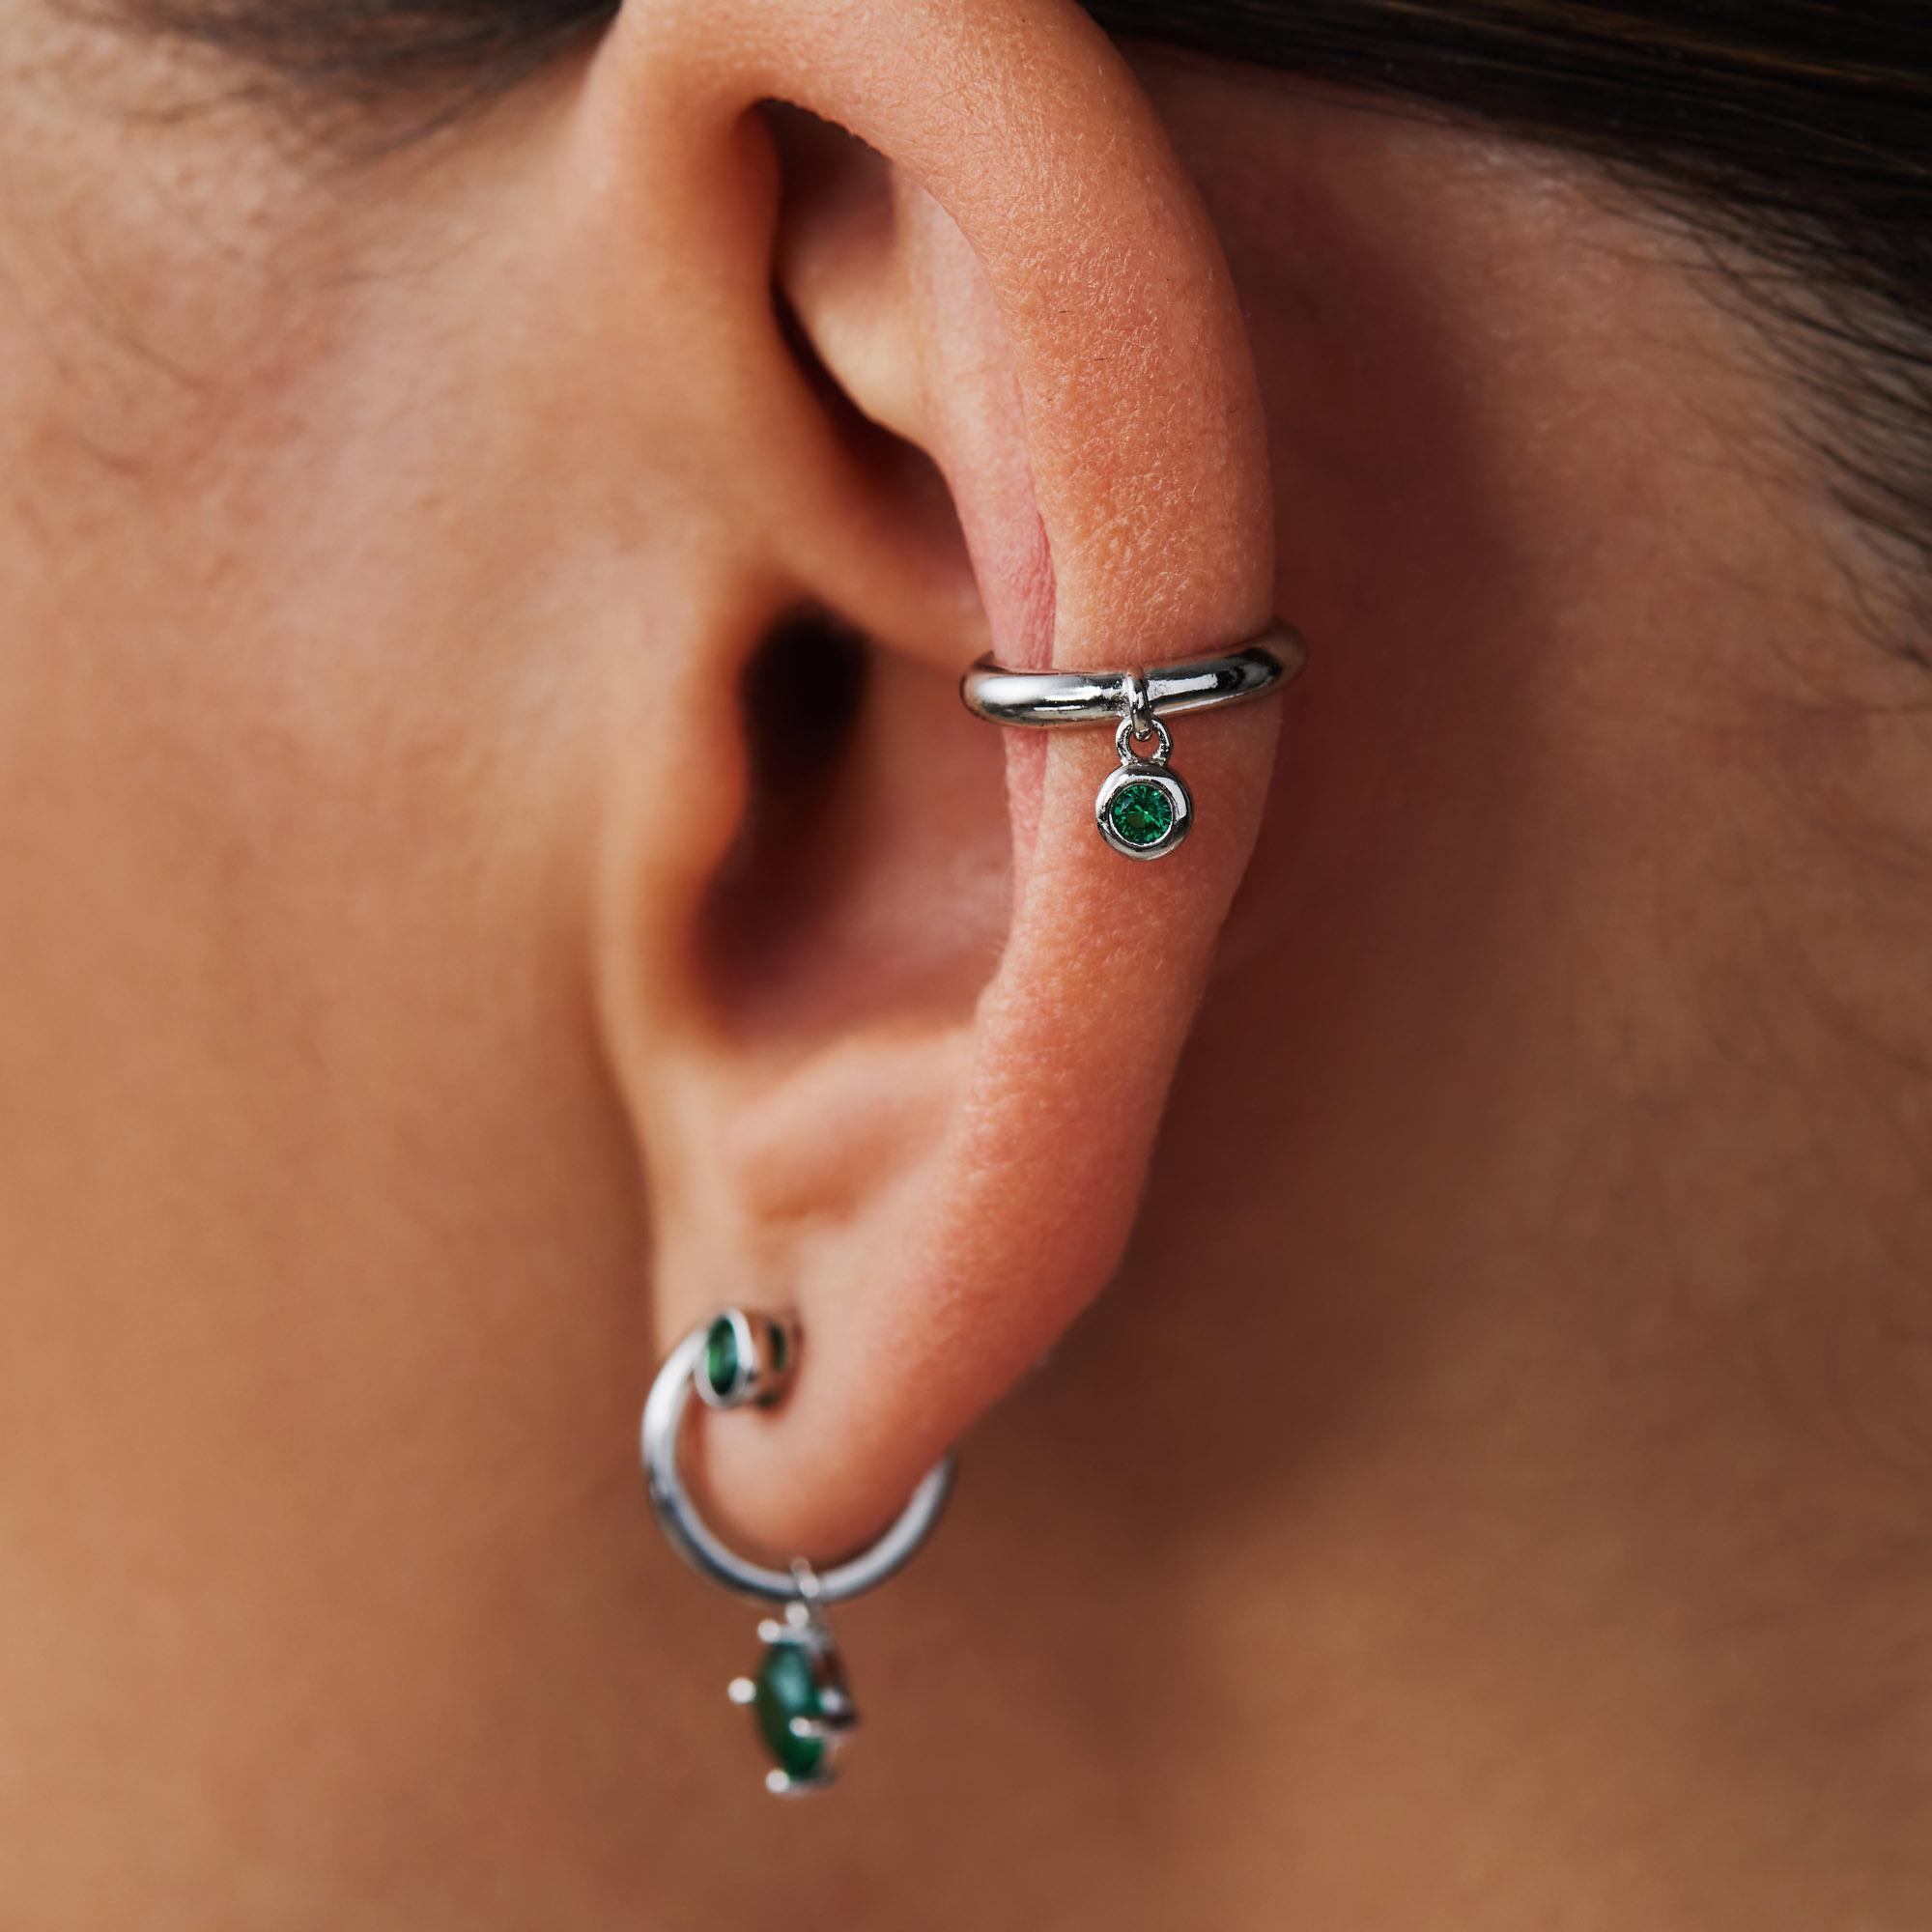 Violet Hamden Venus 925 Sterling Silber Ear Cuff mit Geburtsstein